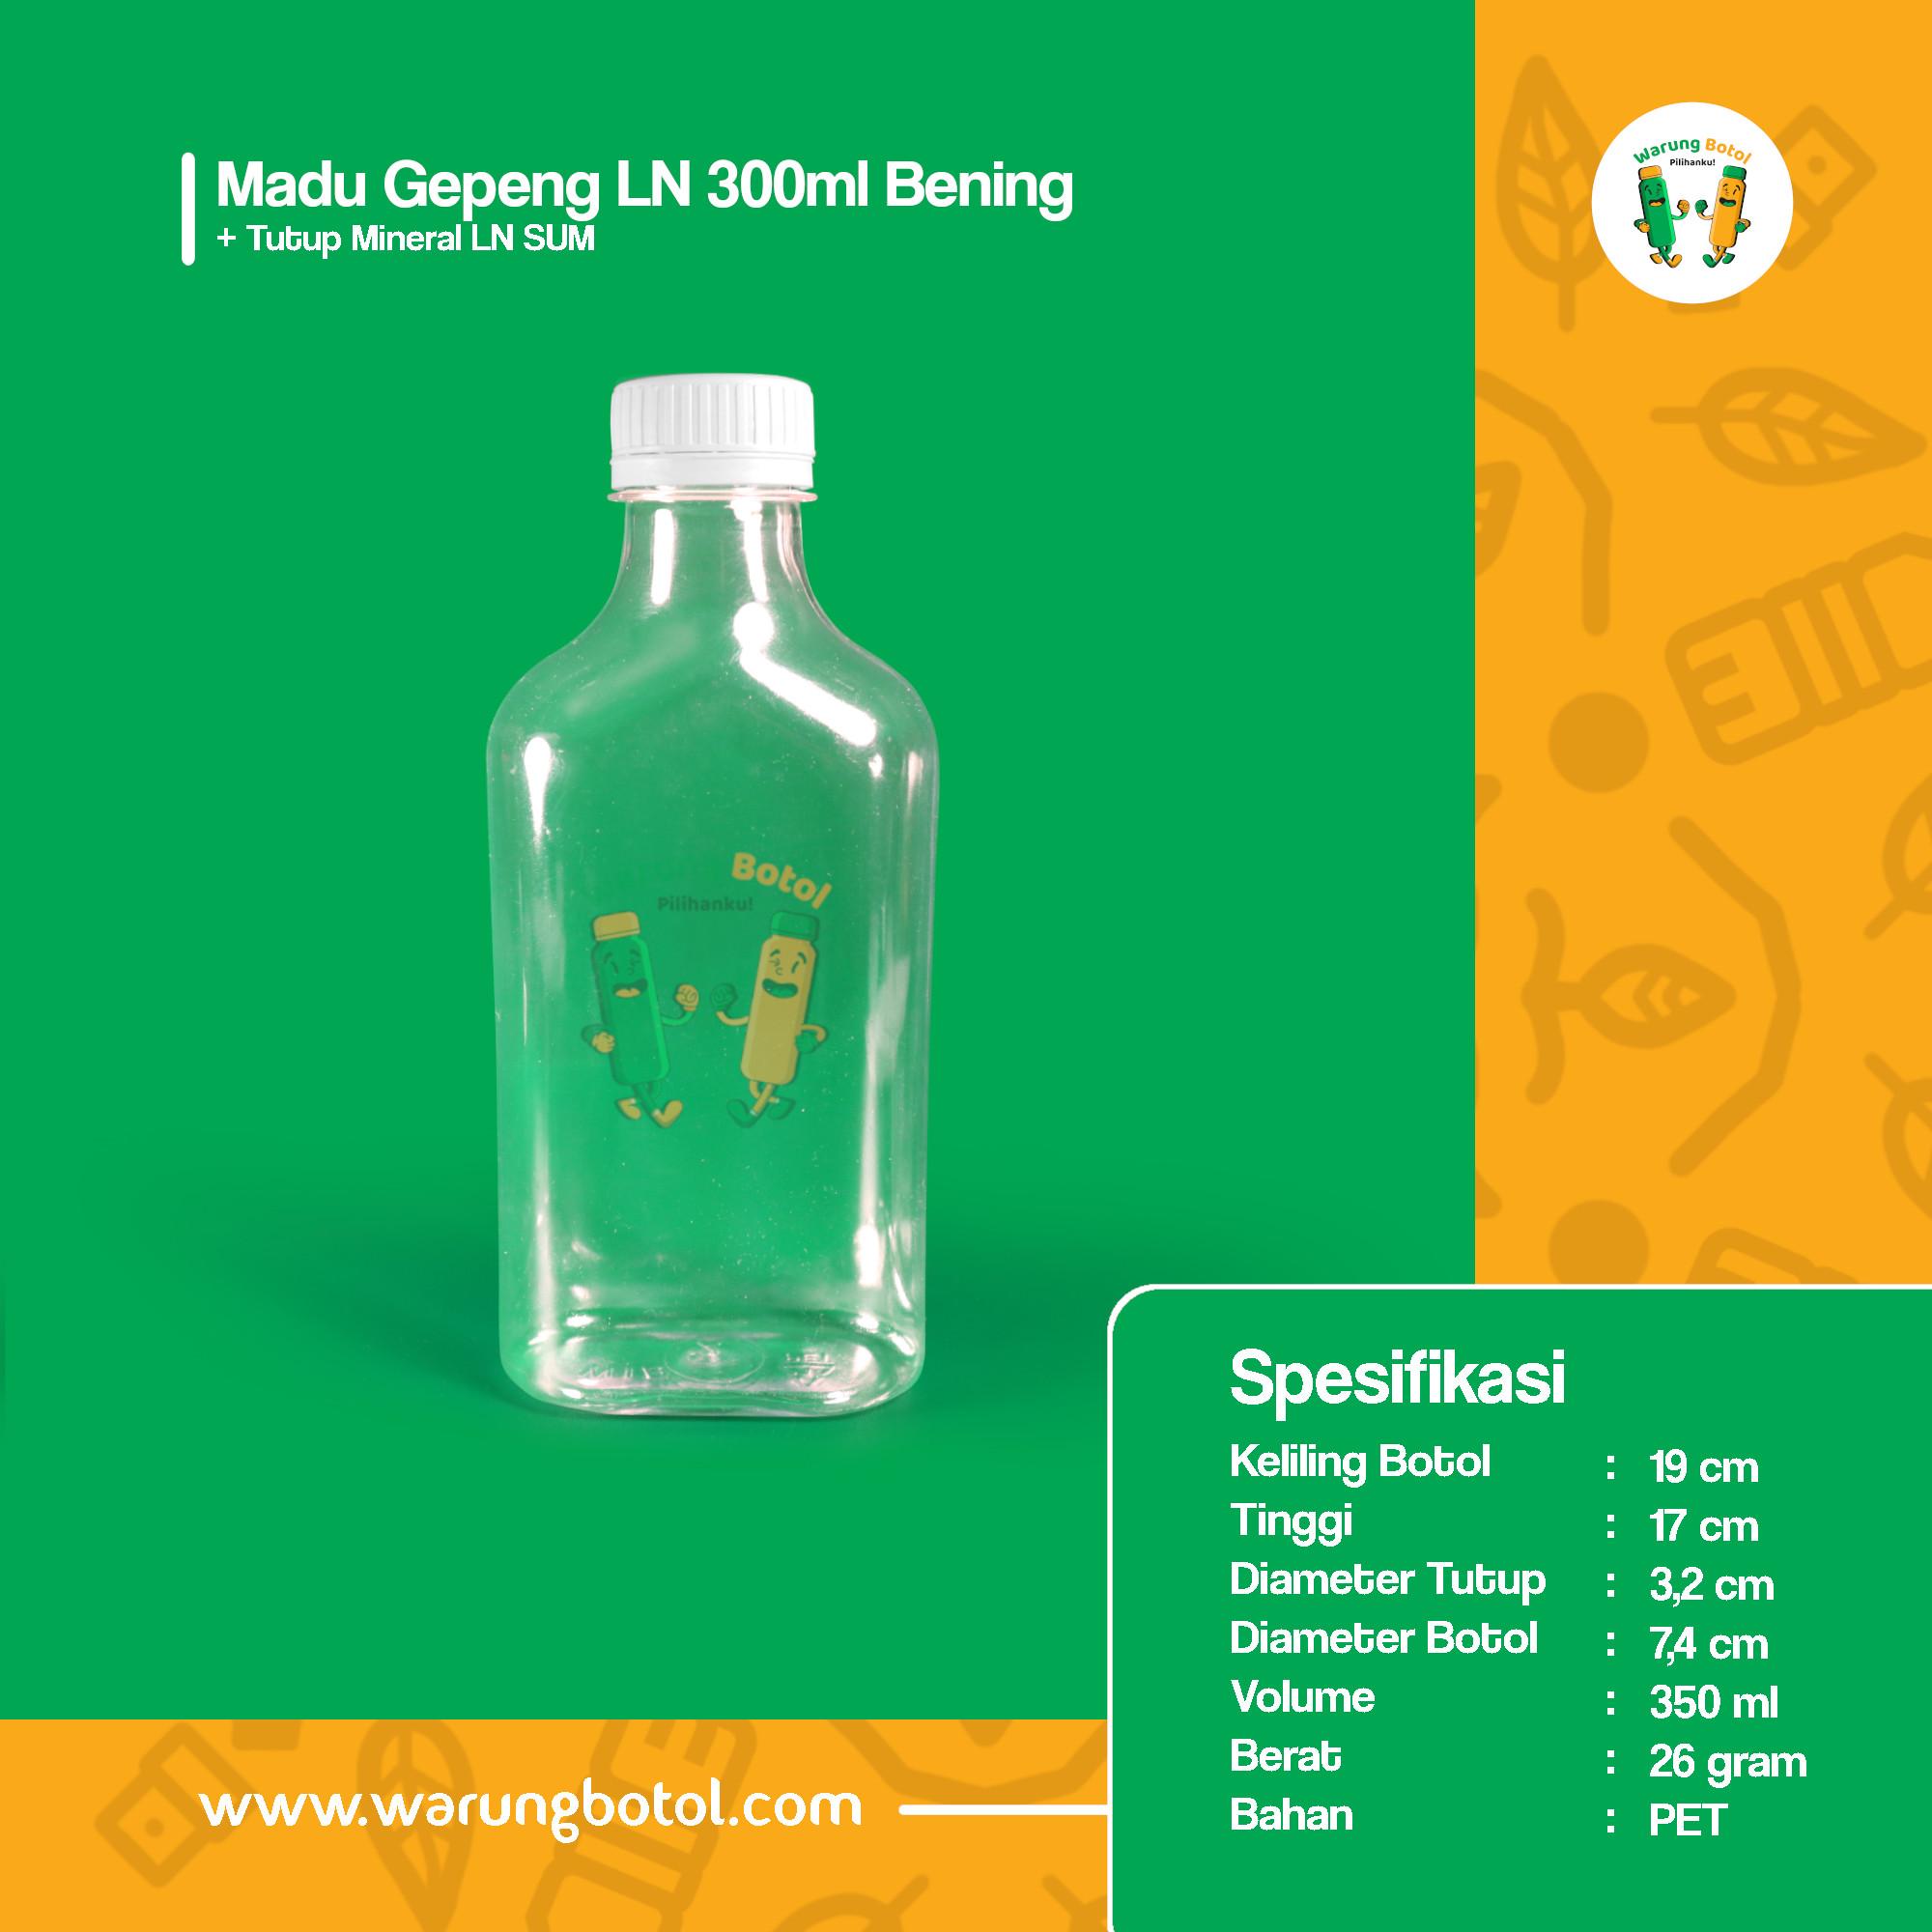 distributor toko jual botol plastik untuk madu 300ml bening murah terdekat di bandung jakarta bogor bekasi